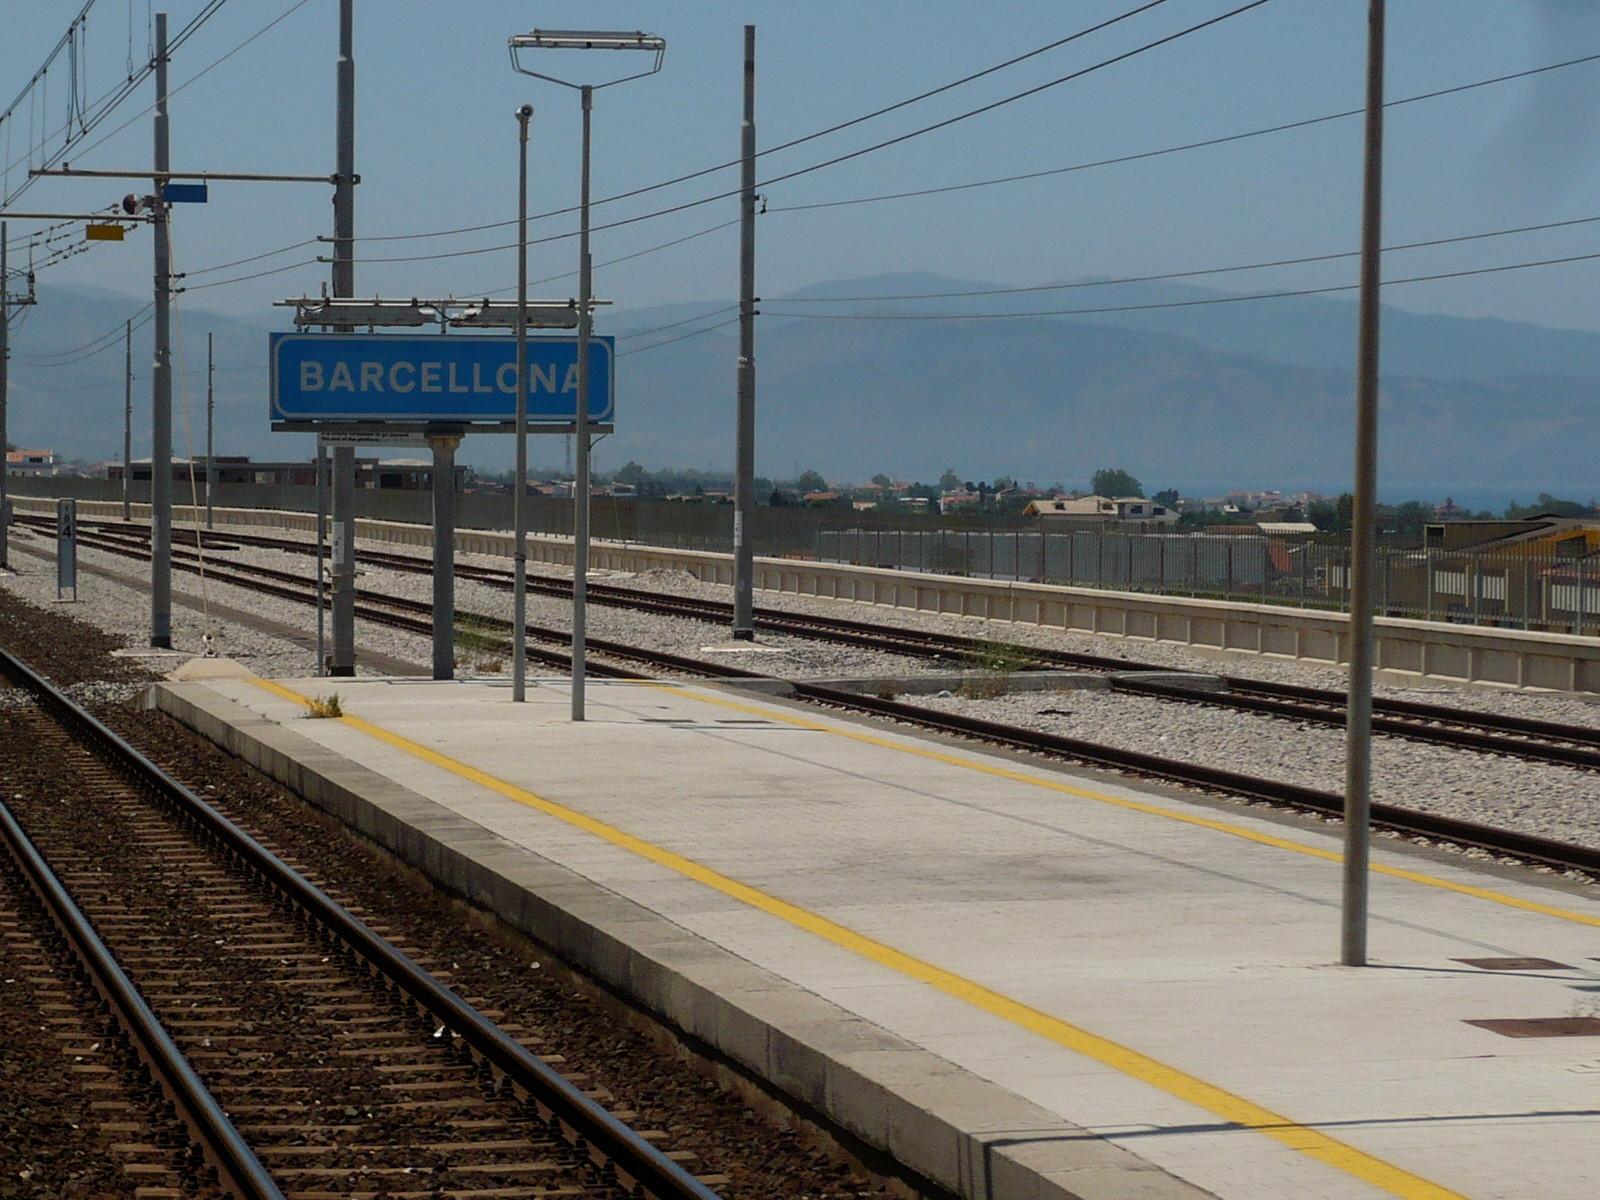 Barcellona ist ähnlich groß (ca. 40 000 Einwohner)